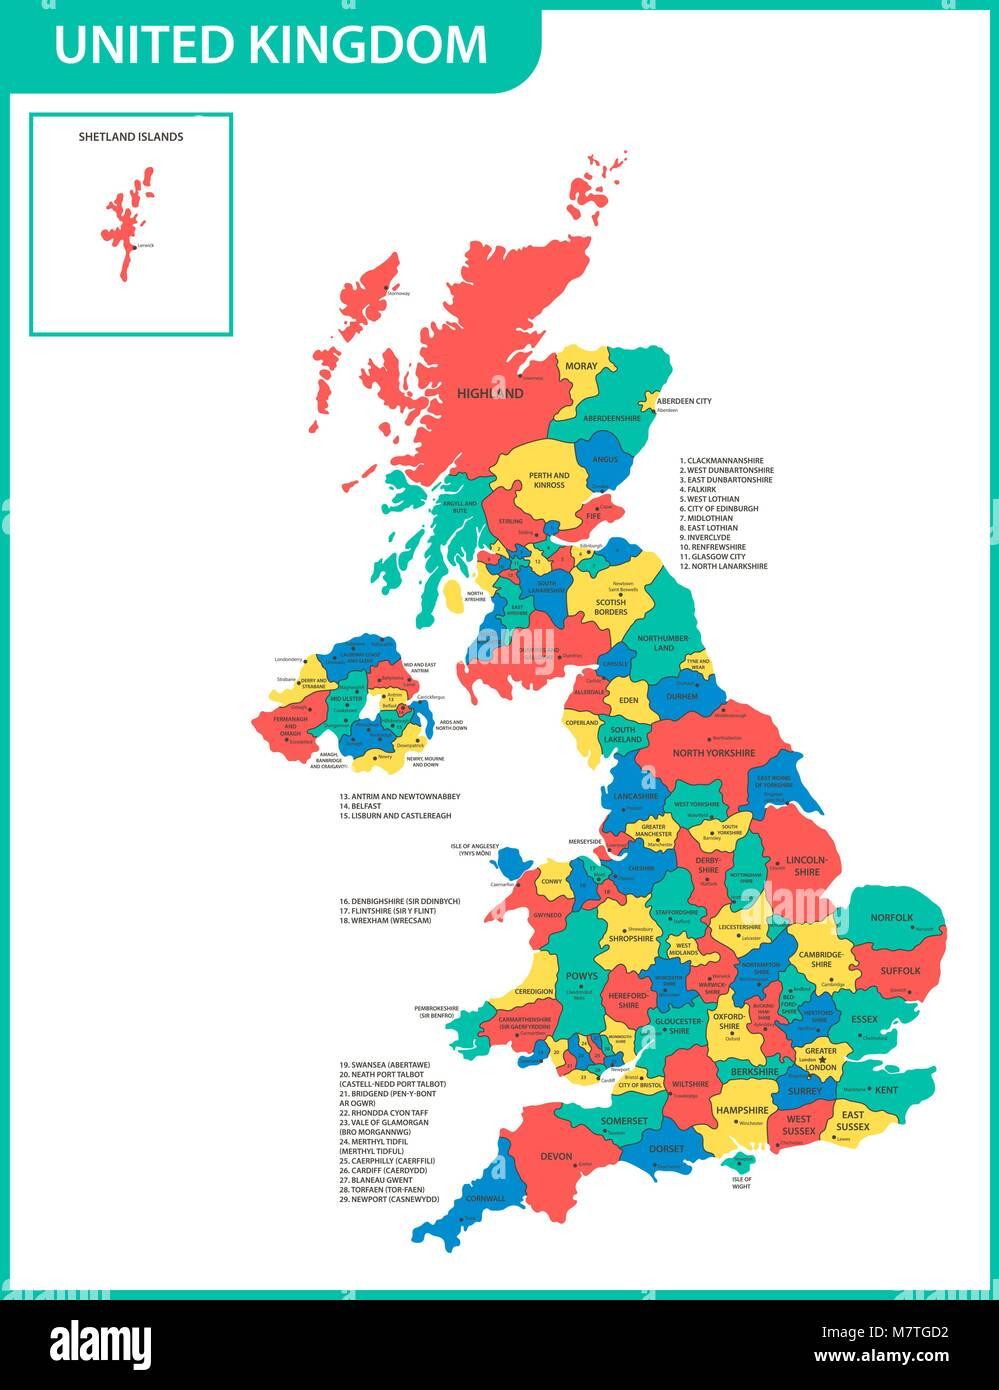 Cartina Gran Bretagna Regioni.La Mappa Dettagliata Del Regno Unito Con Le Regioni O Gli Stati E Le Citta Capitali Corrente Effettiva Pertinenti Regno Unito Gran Bretagna Devision Amministrativa Immagine E Vettoriale Alamy